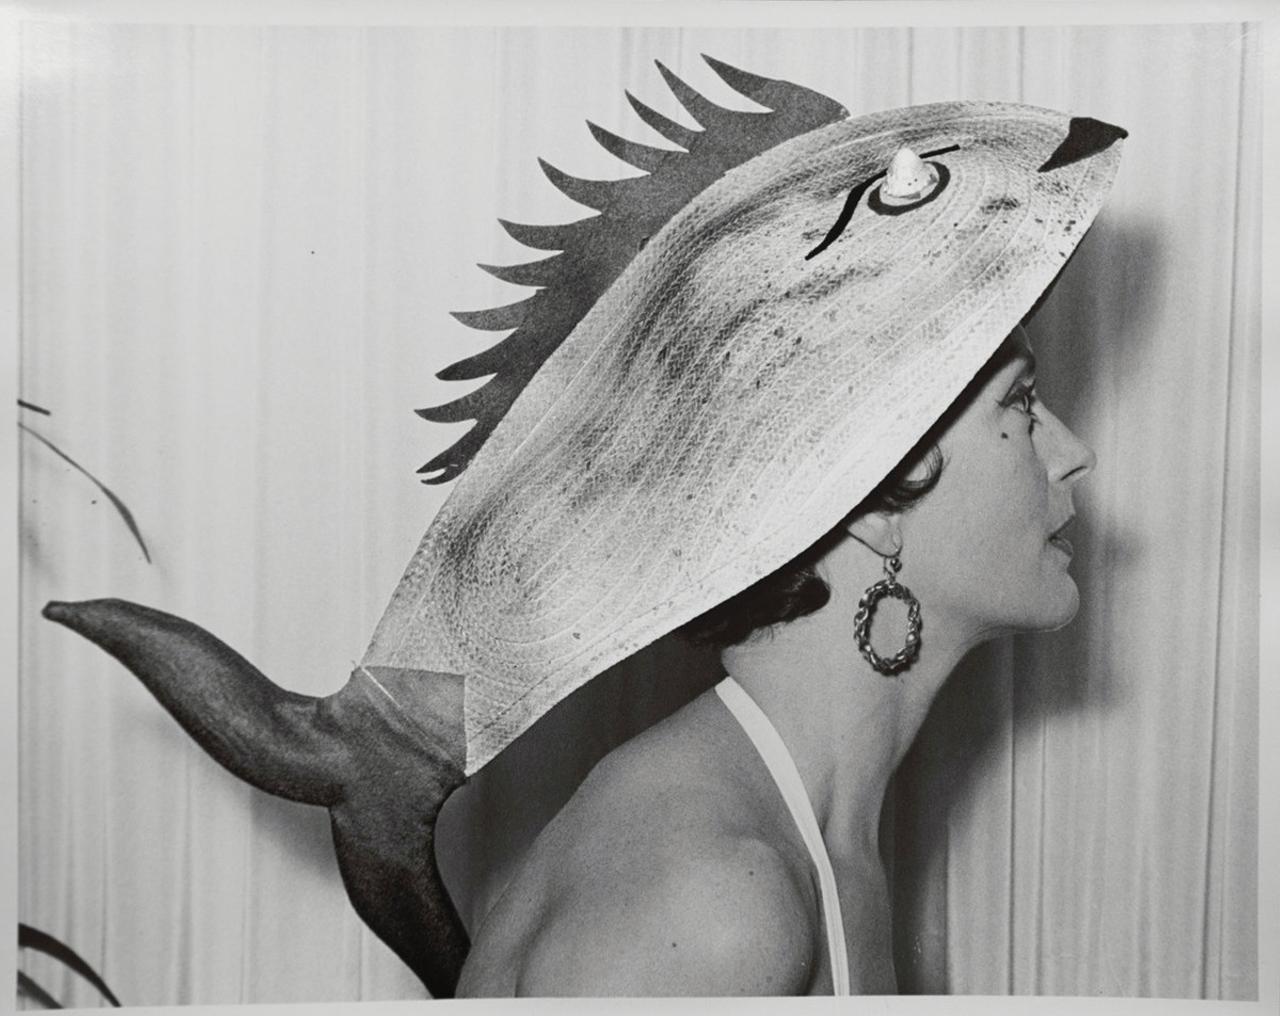 画像: ビルがデザインした遊び心にあふれるビーチハットより、魚の形をしたもの ほかの写真を見る